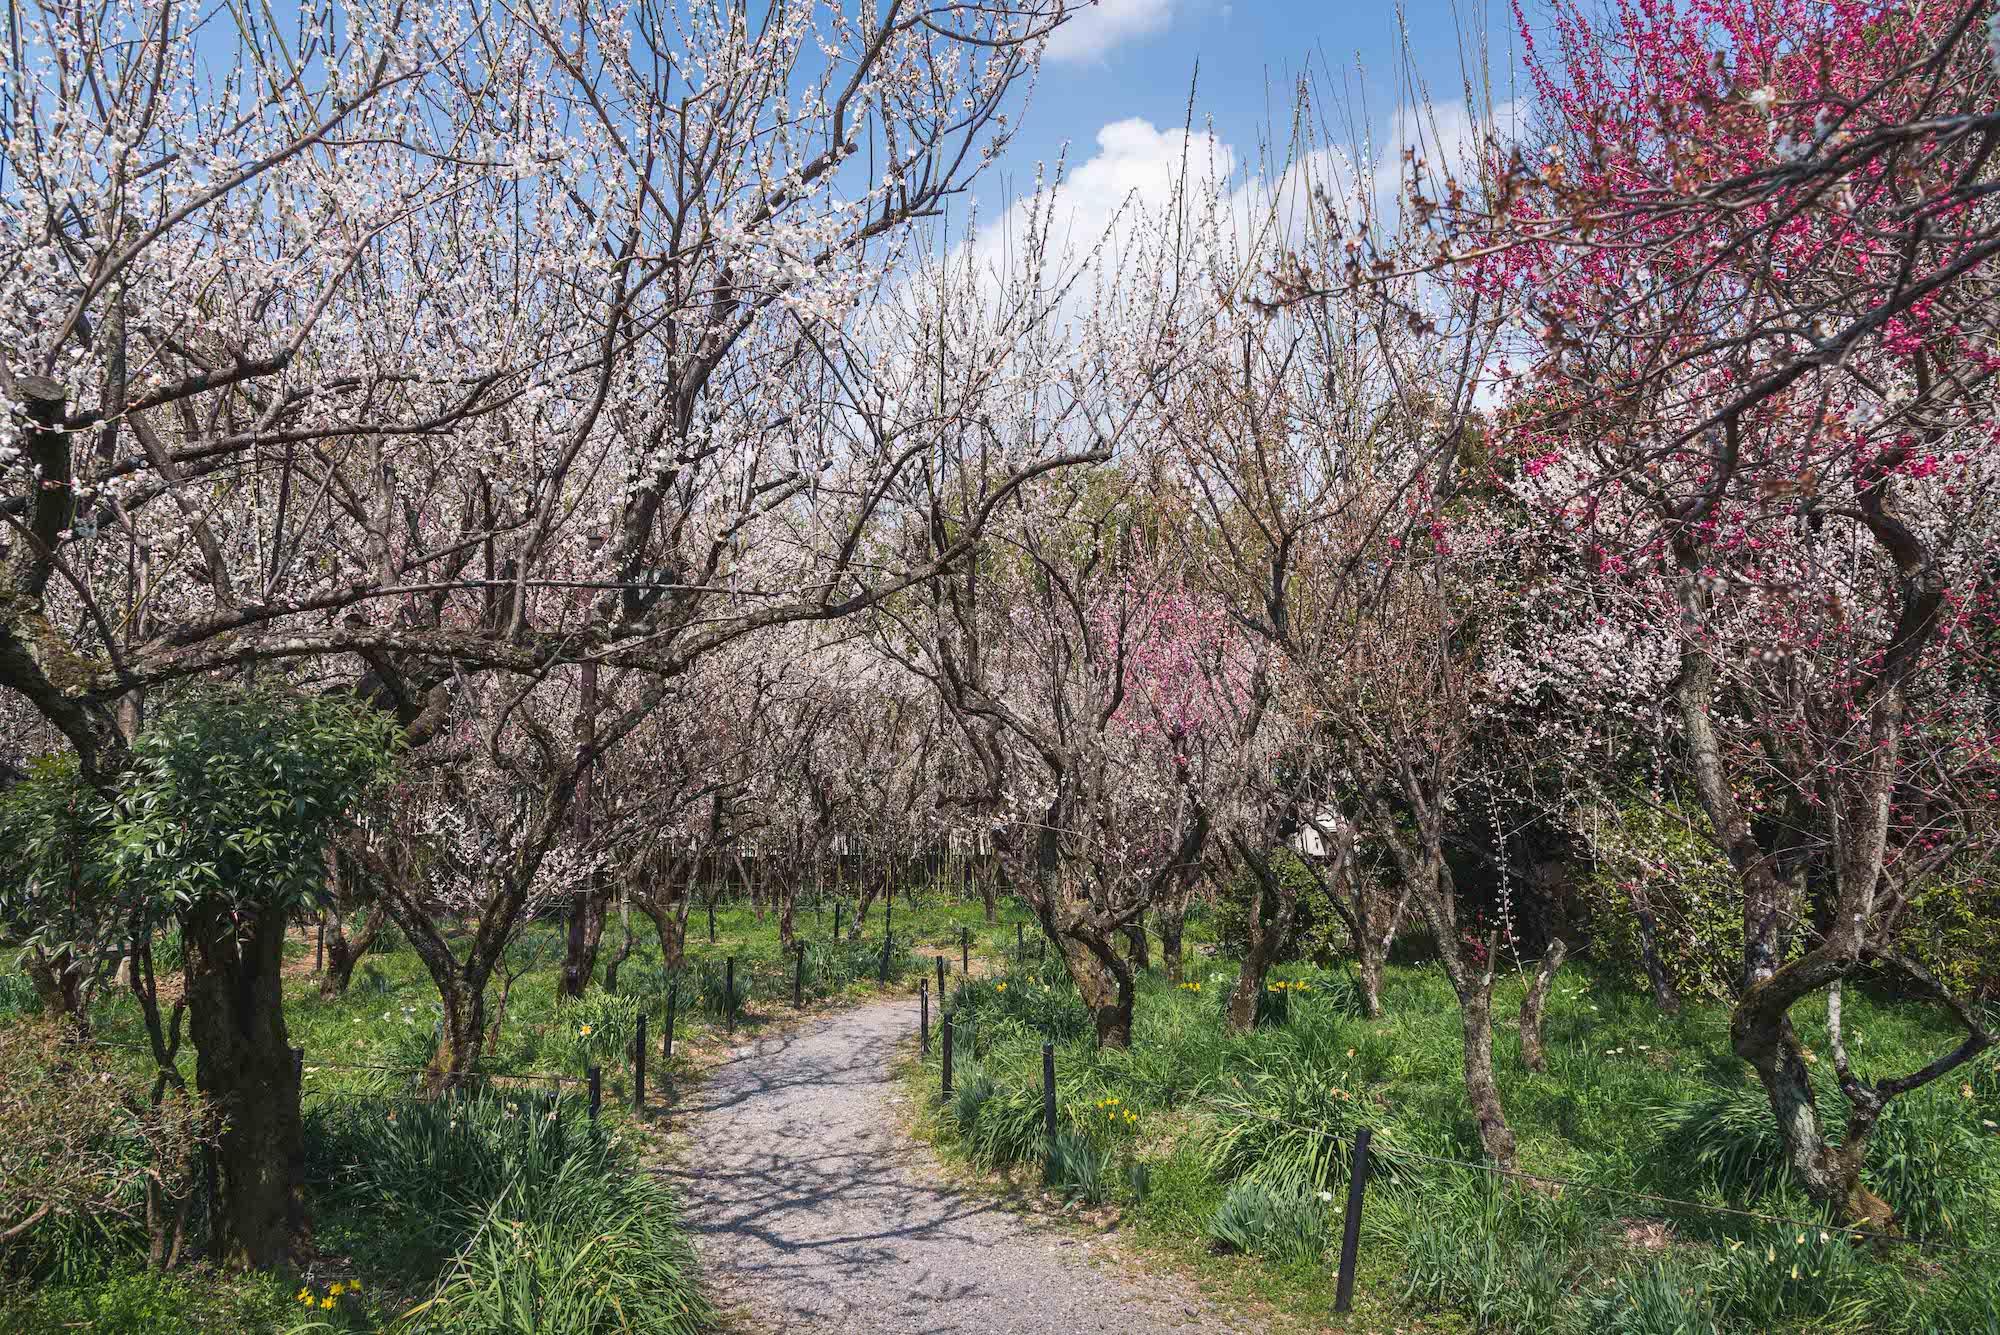 DSC_2158 京都 梅宮大社(境内に咲く35種500本の梅と猫神社で人気の写真スポット。 アクセス情報や交通手段・駐車場情報などまとめ)